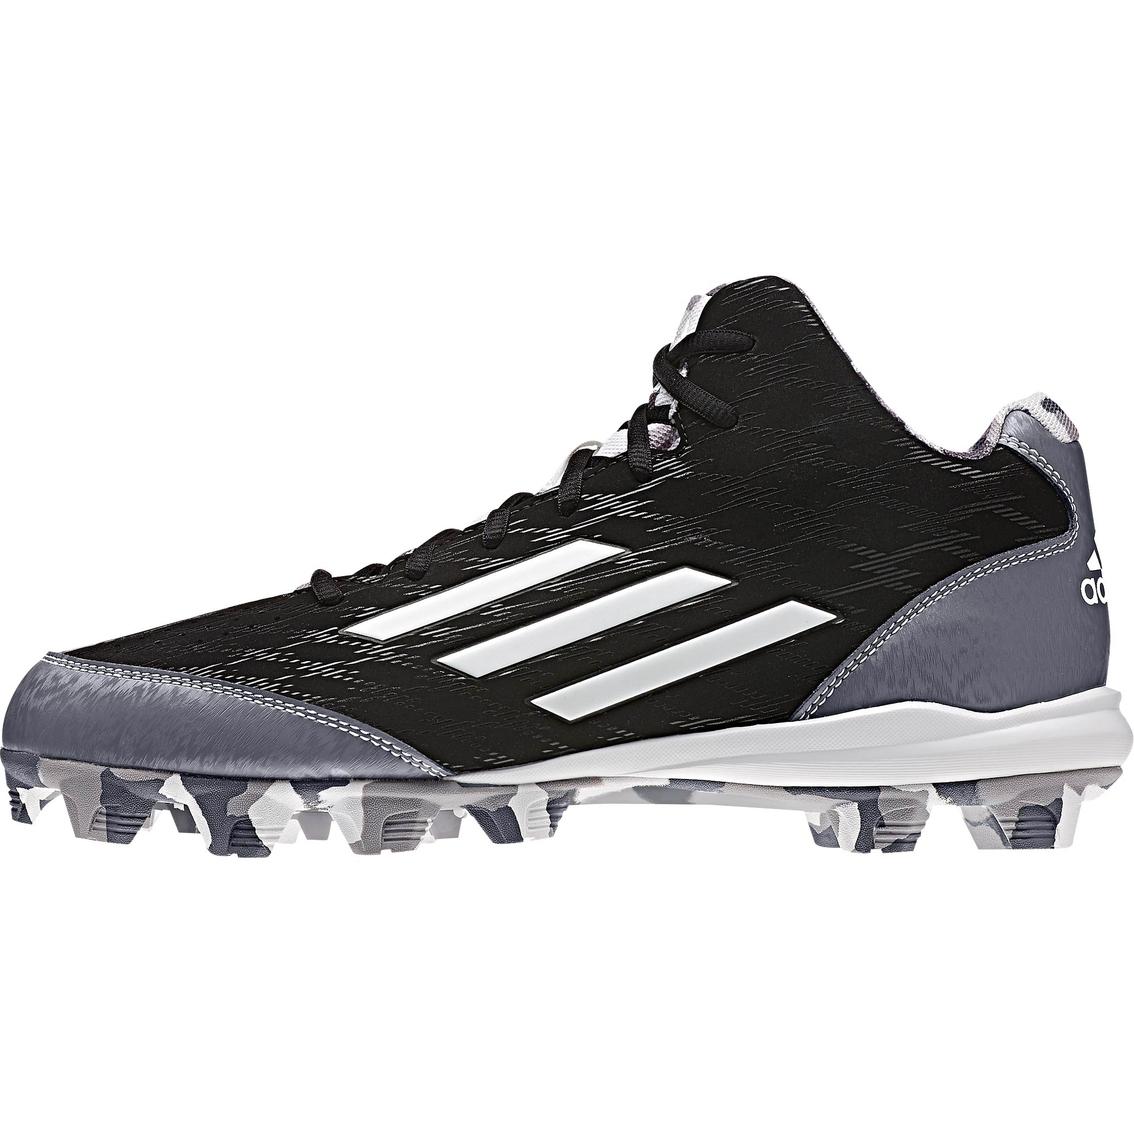 Adidas Uomini Campo 3 Metà Tagliato Scarpe Da Baseball Baseball Scarpe